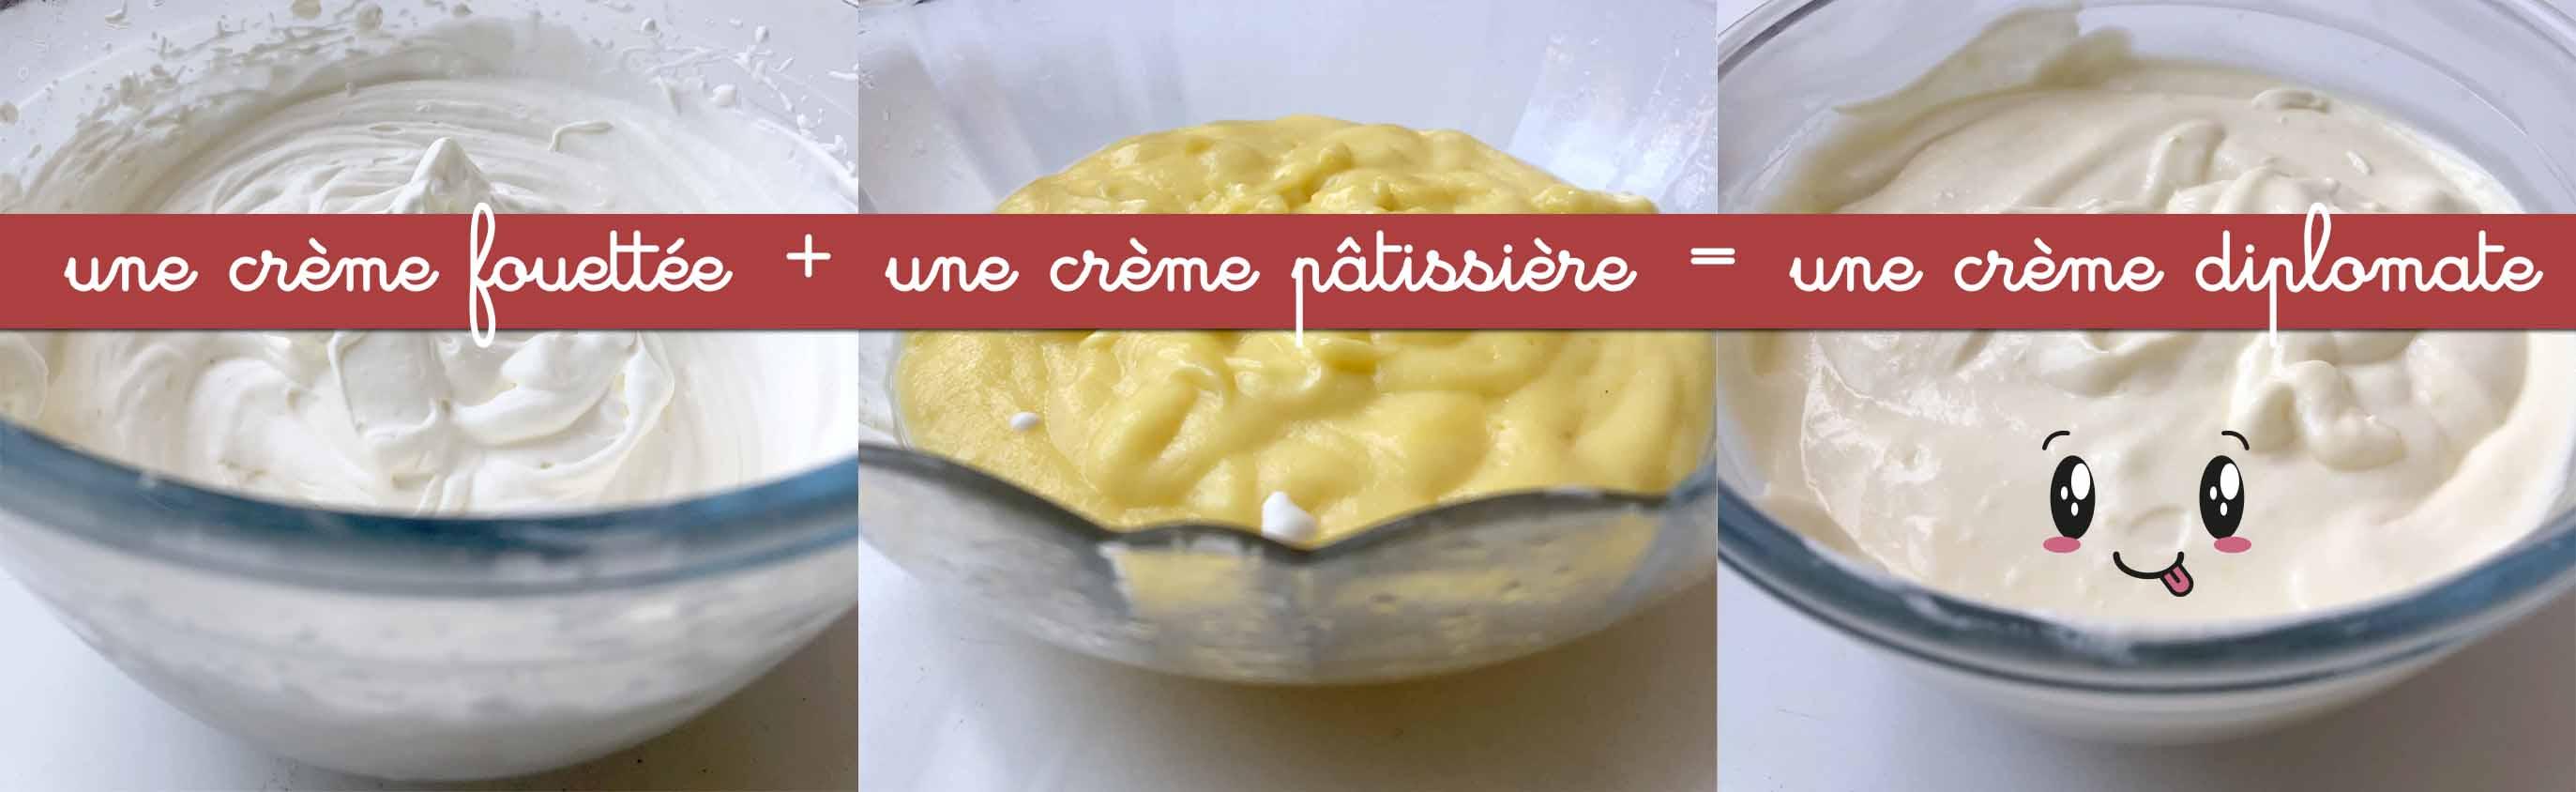 crème diplomate - fraisier anniversaire